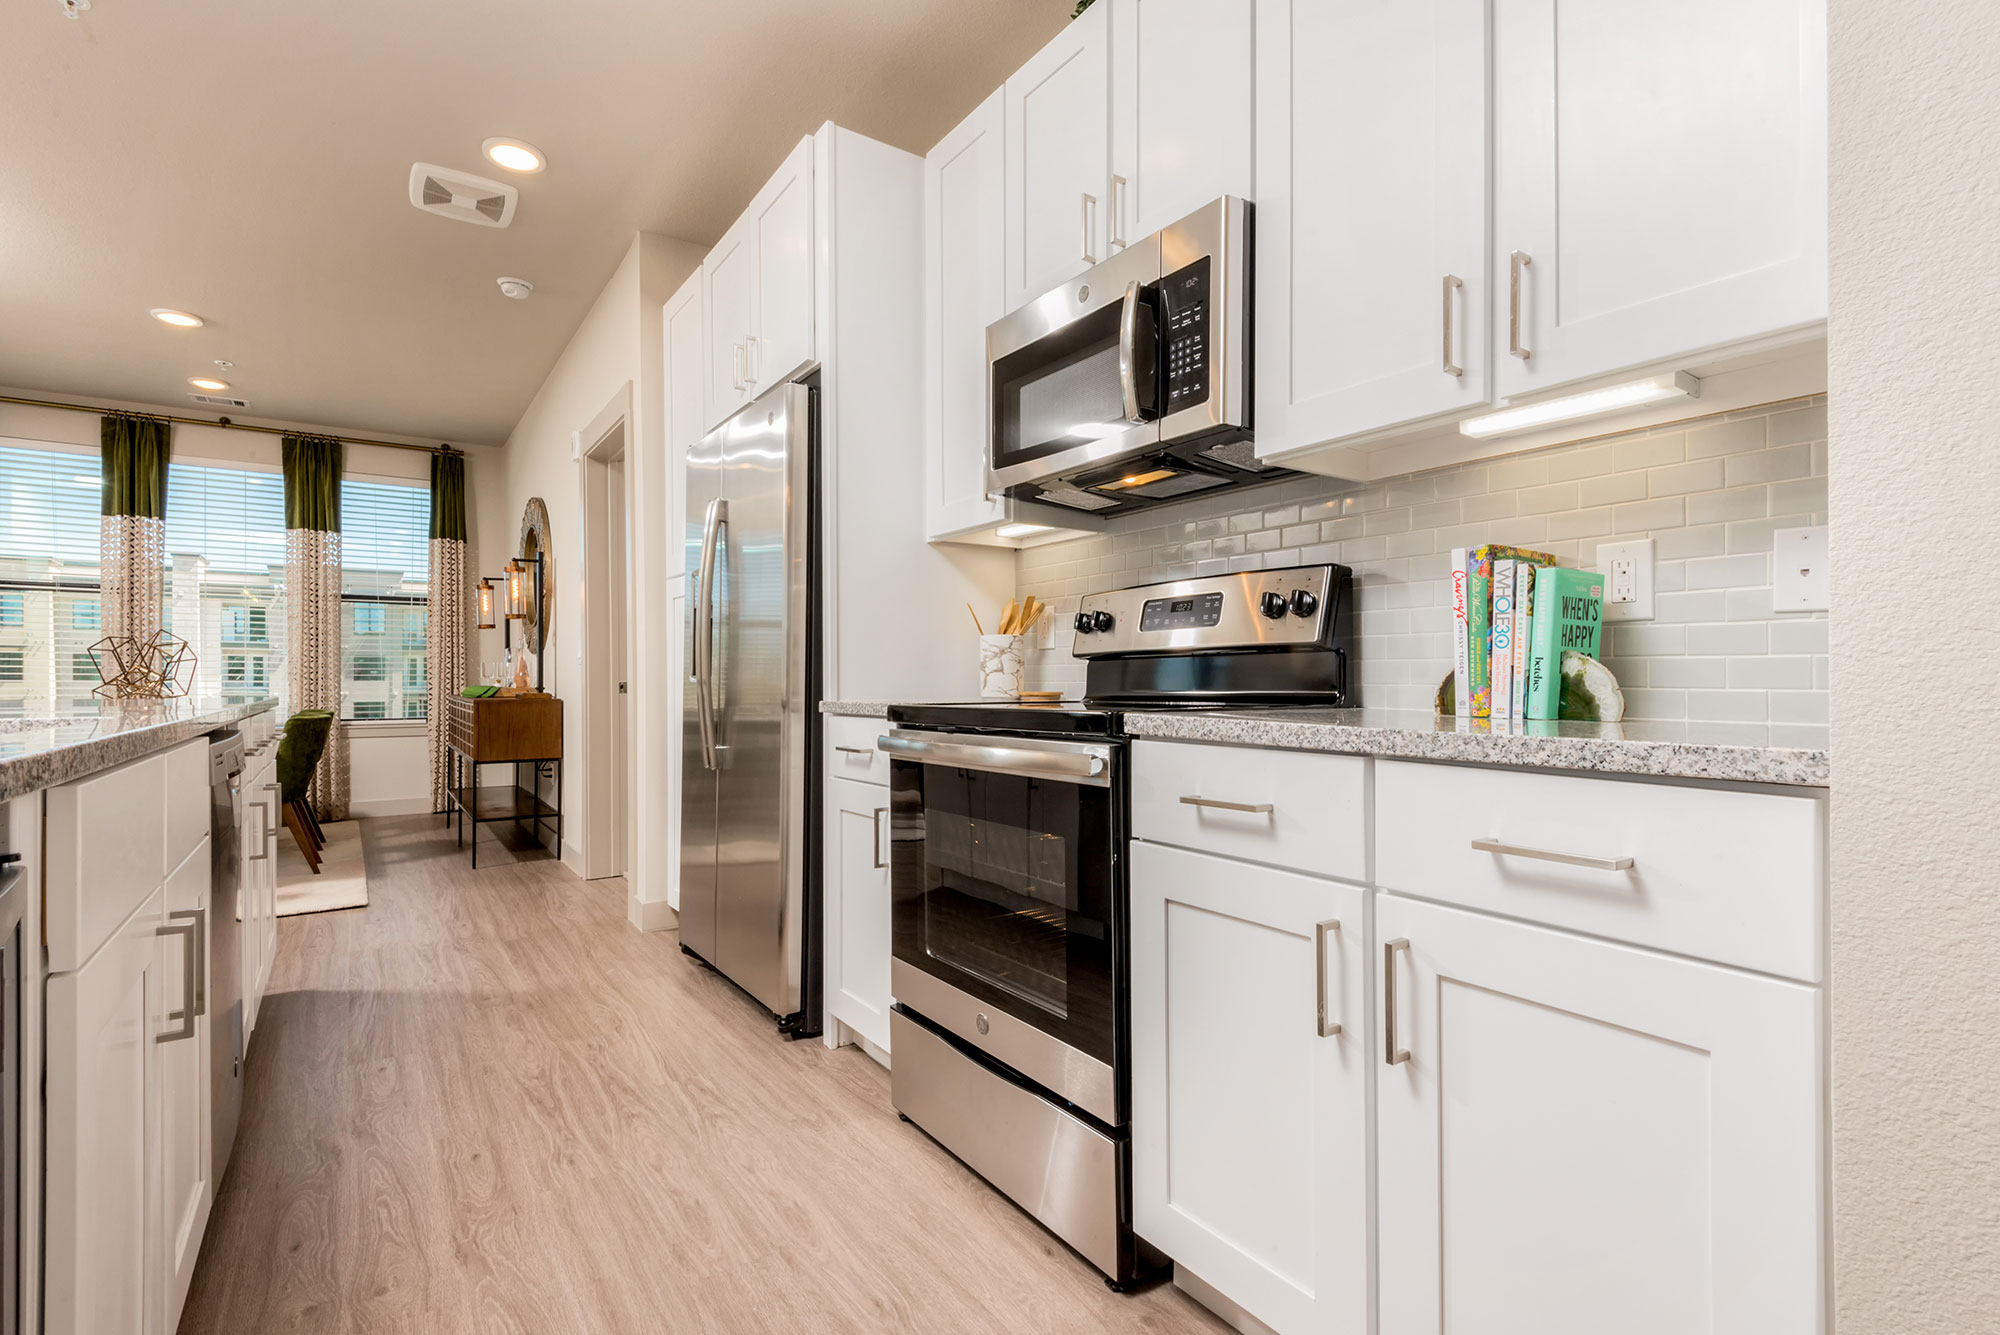 Riata - Model Unit - Kitchen Appliances